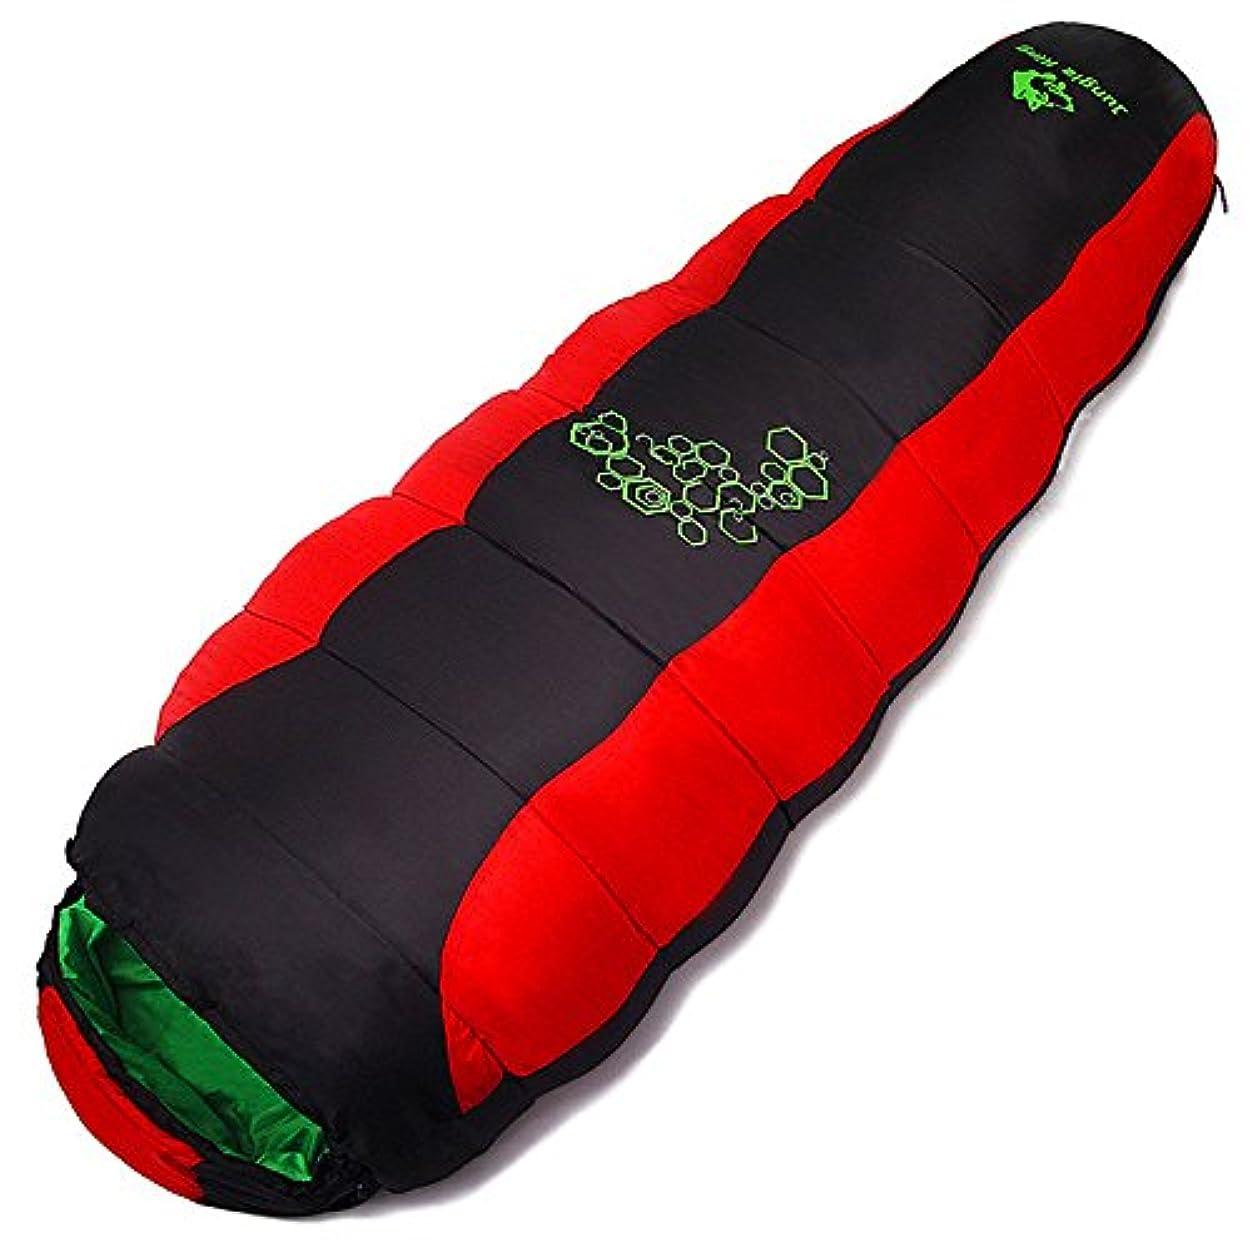 最初は似ている強制Okiiting 超軽量の暖かい寝袋ポータブルキャンプの寝袋単一のデザイン通気性の防湿便利な圧縮赤い寝袋 うまく設計された